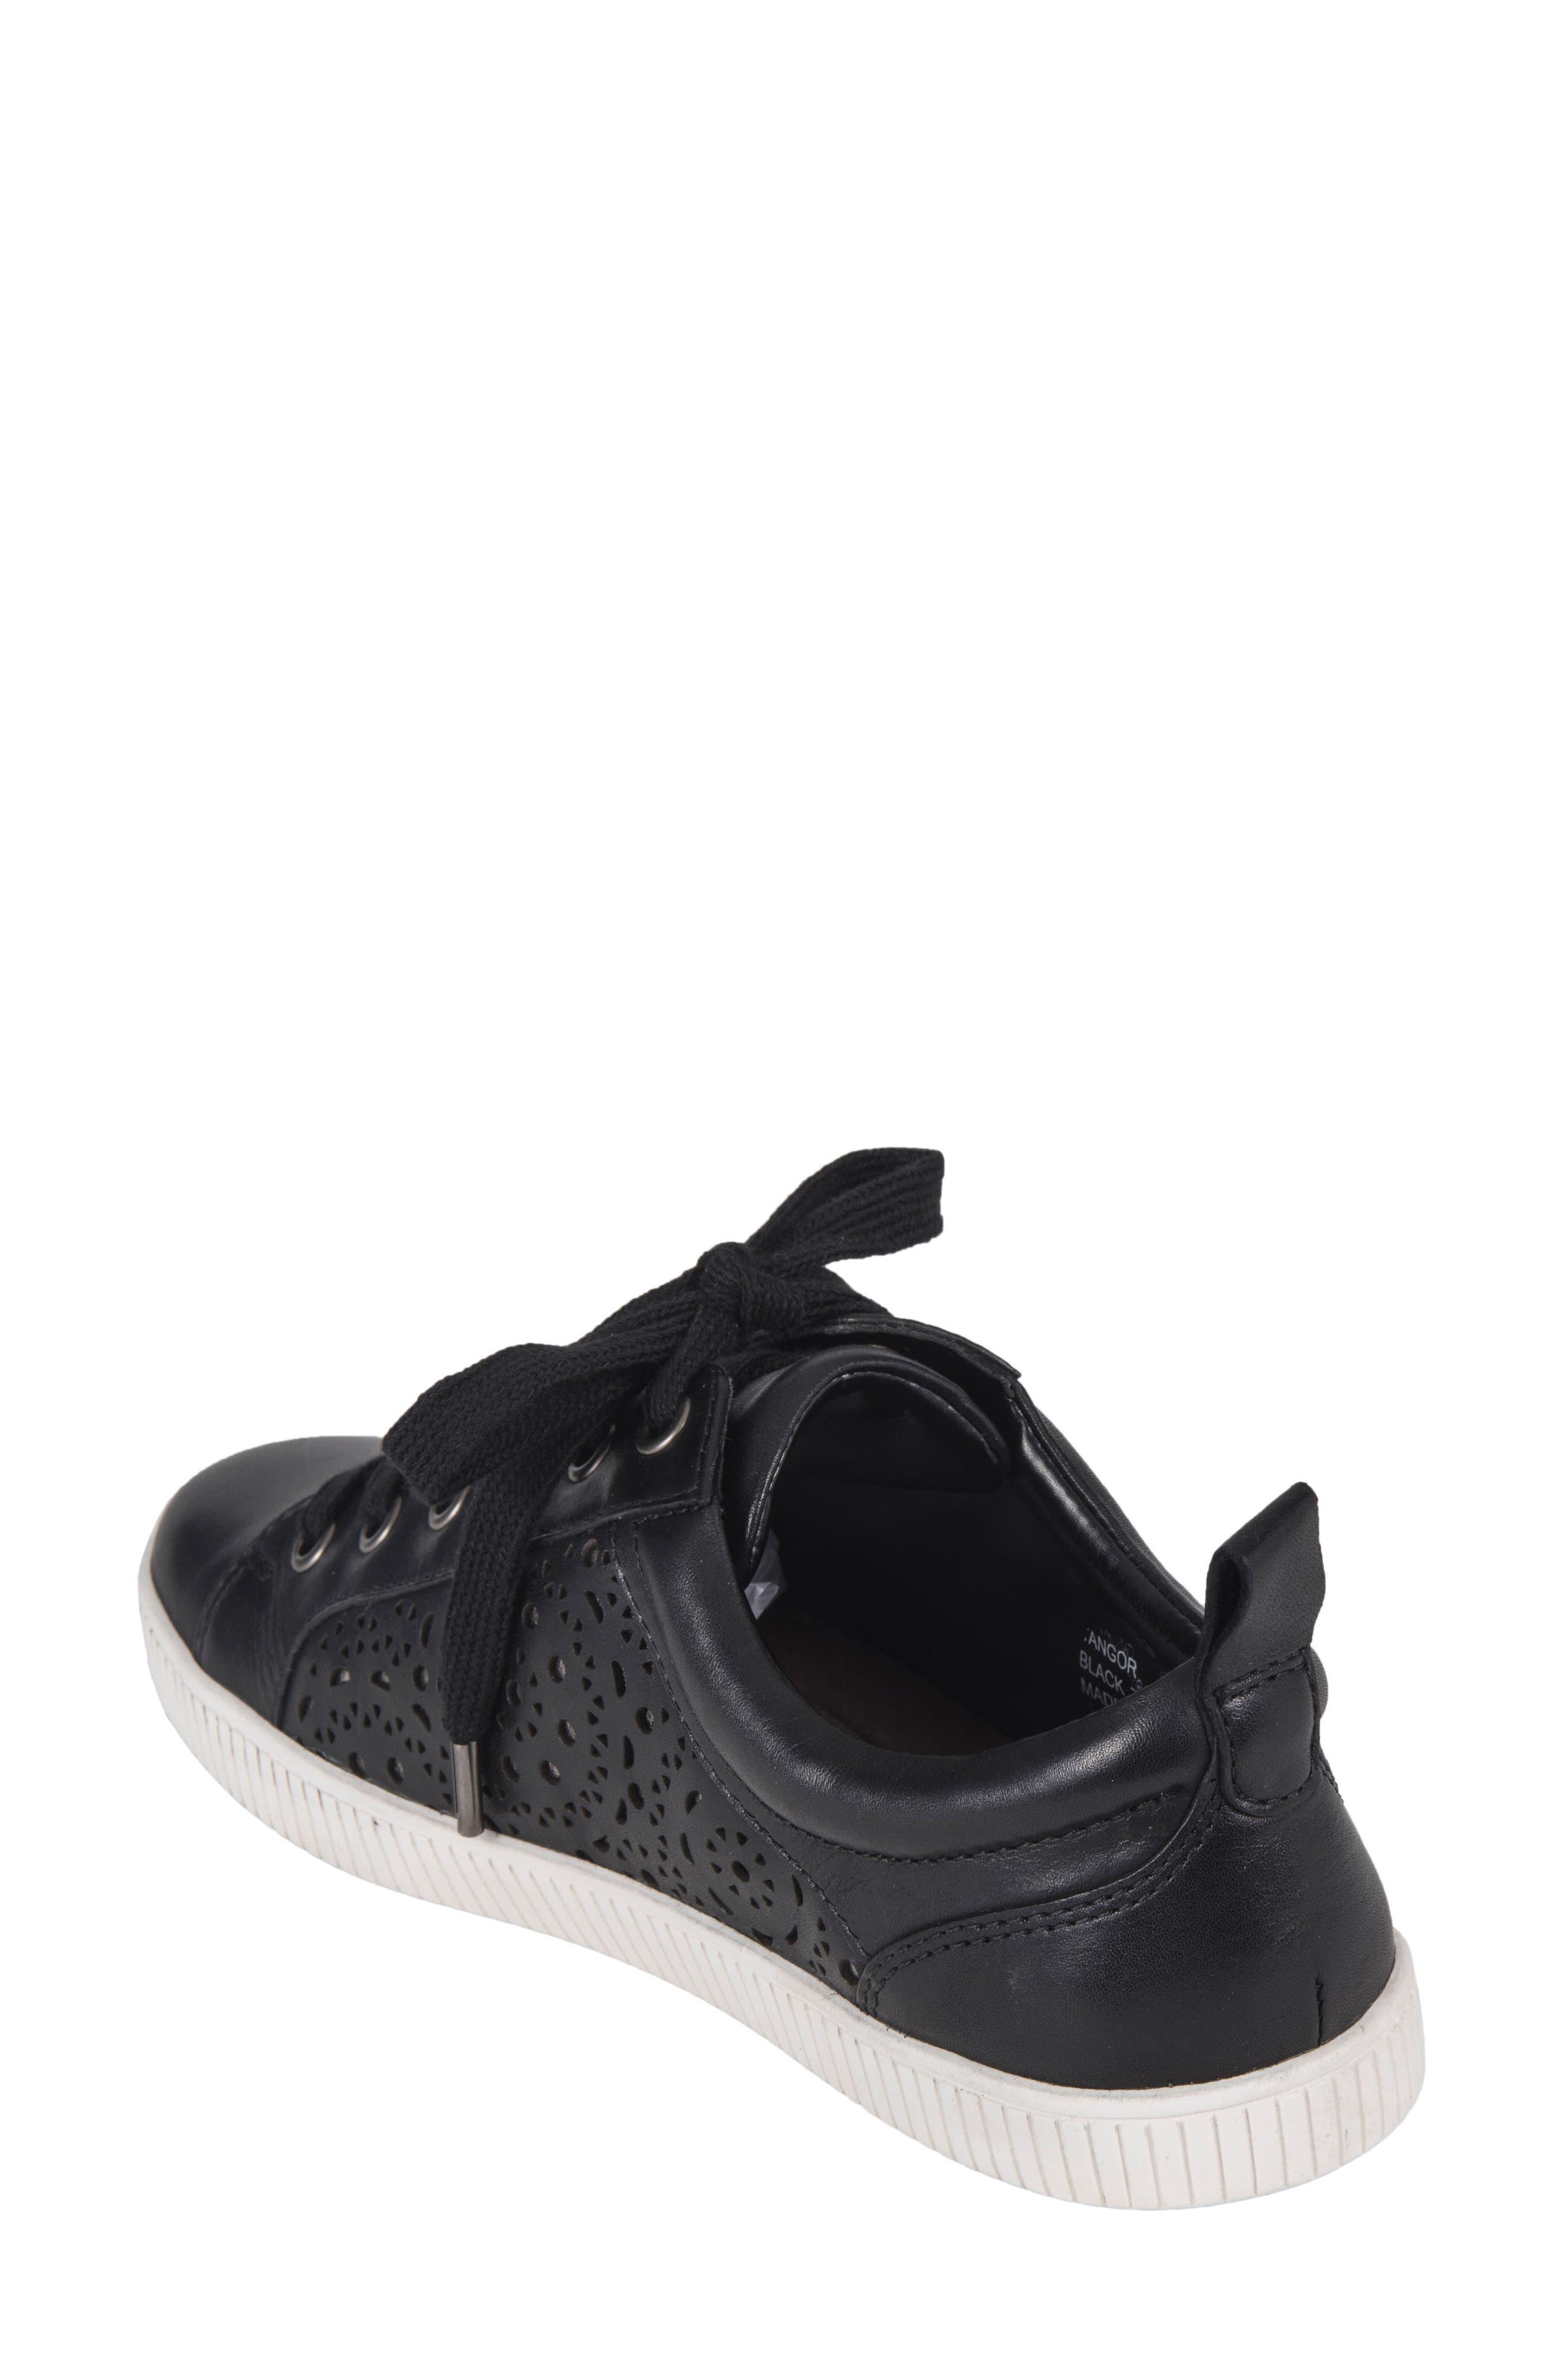 Tangor Perforated Sneaker,                             Alternate thumbnail 2, color,                             001